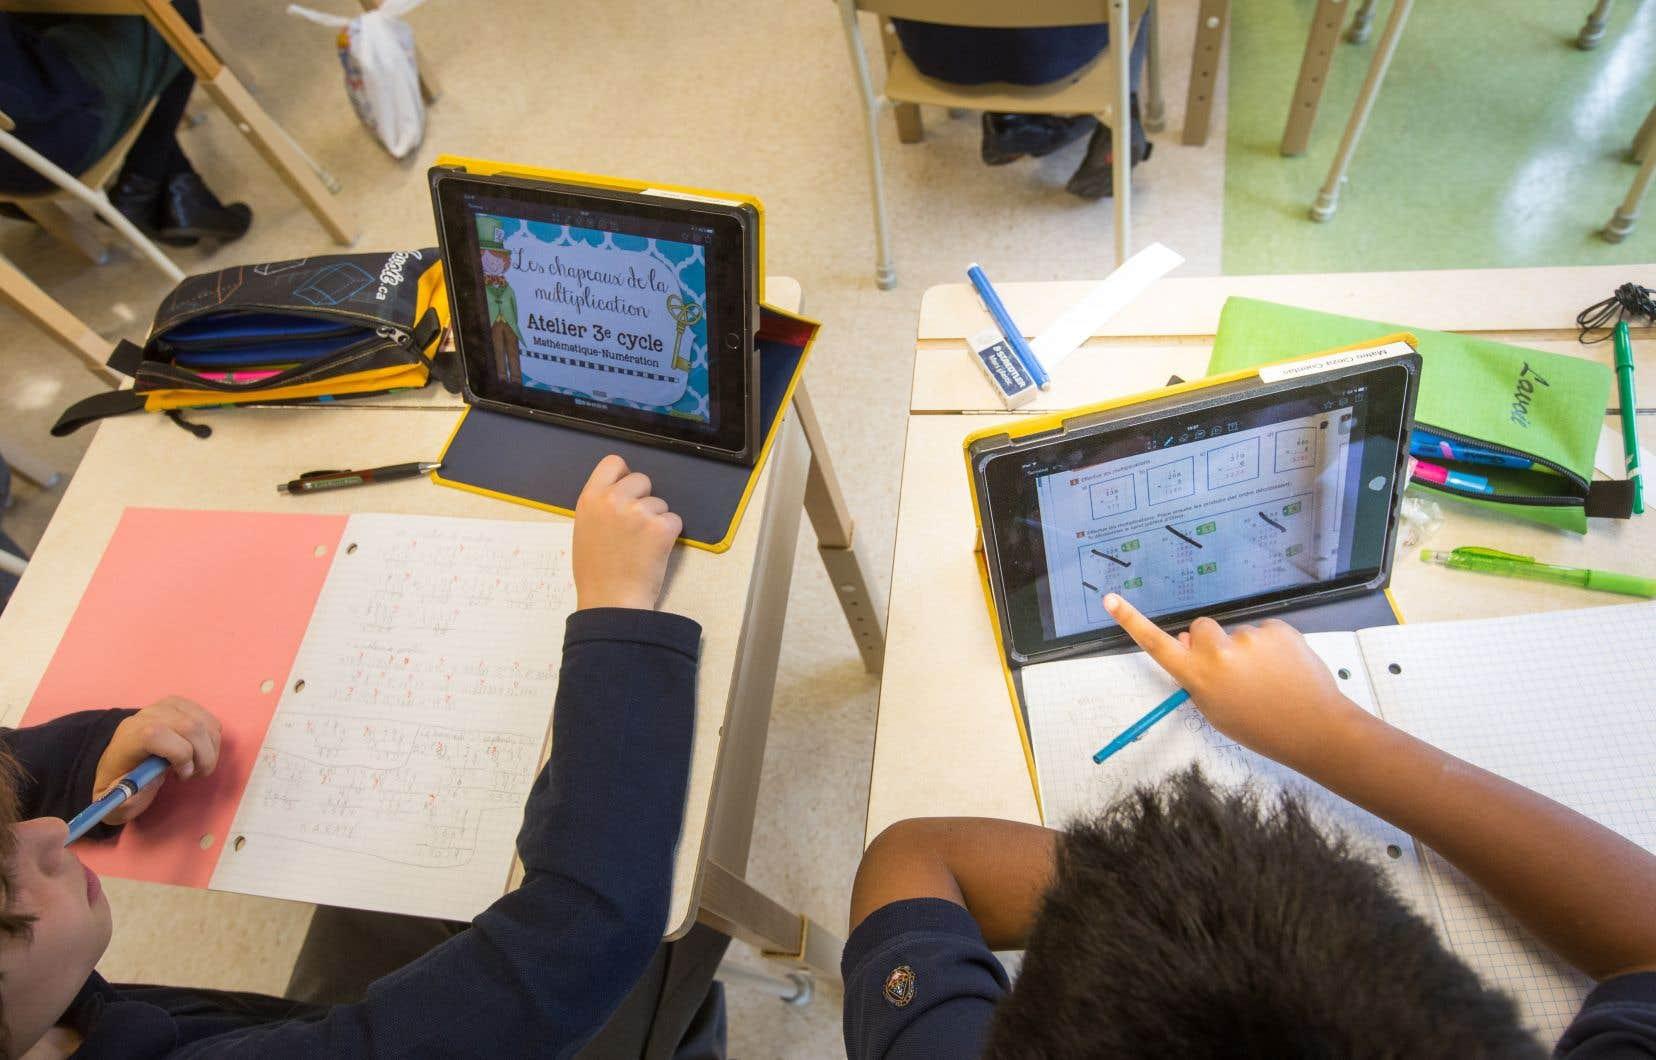 À la rentrée, toutes les écoles primaires et secondaires du Québec pourront mettre à la disposition des enseignants des «combos numériques» incluant des robots adaptés aux différents niveaux, des iPad et des imprimantes 3D, notamment.